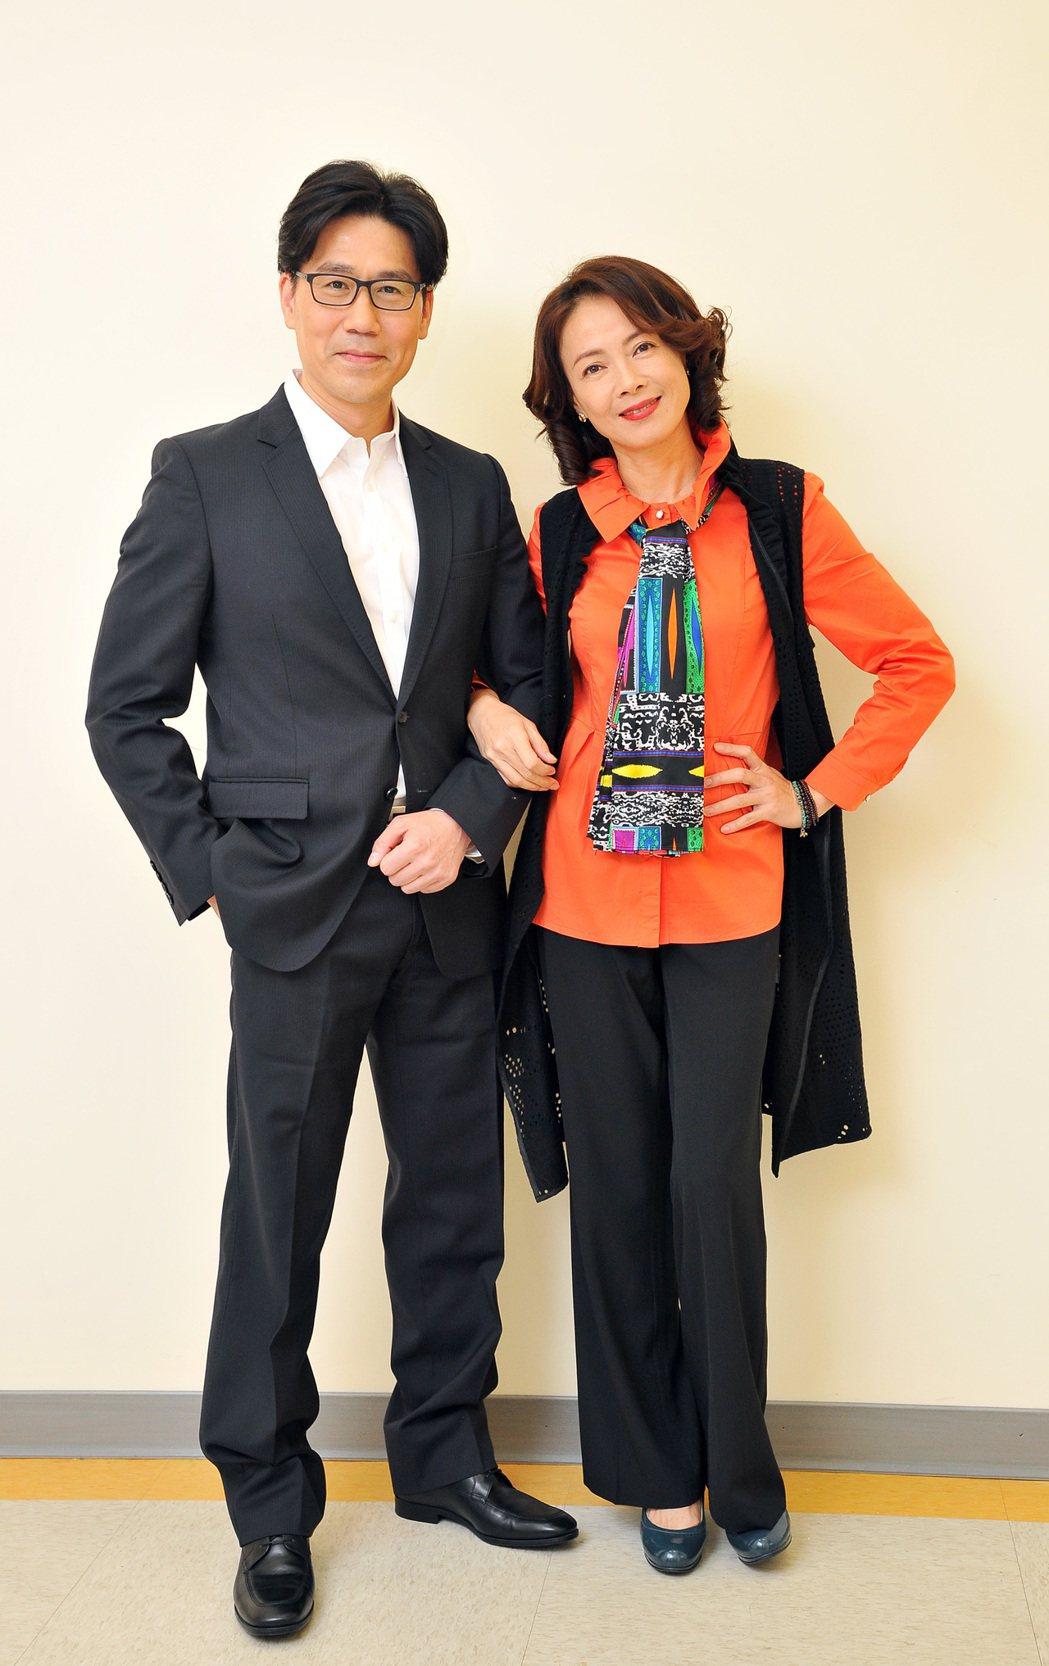 羅時豐(左)、柯淑勤合作新戲「情·份」。圖/台視提供